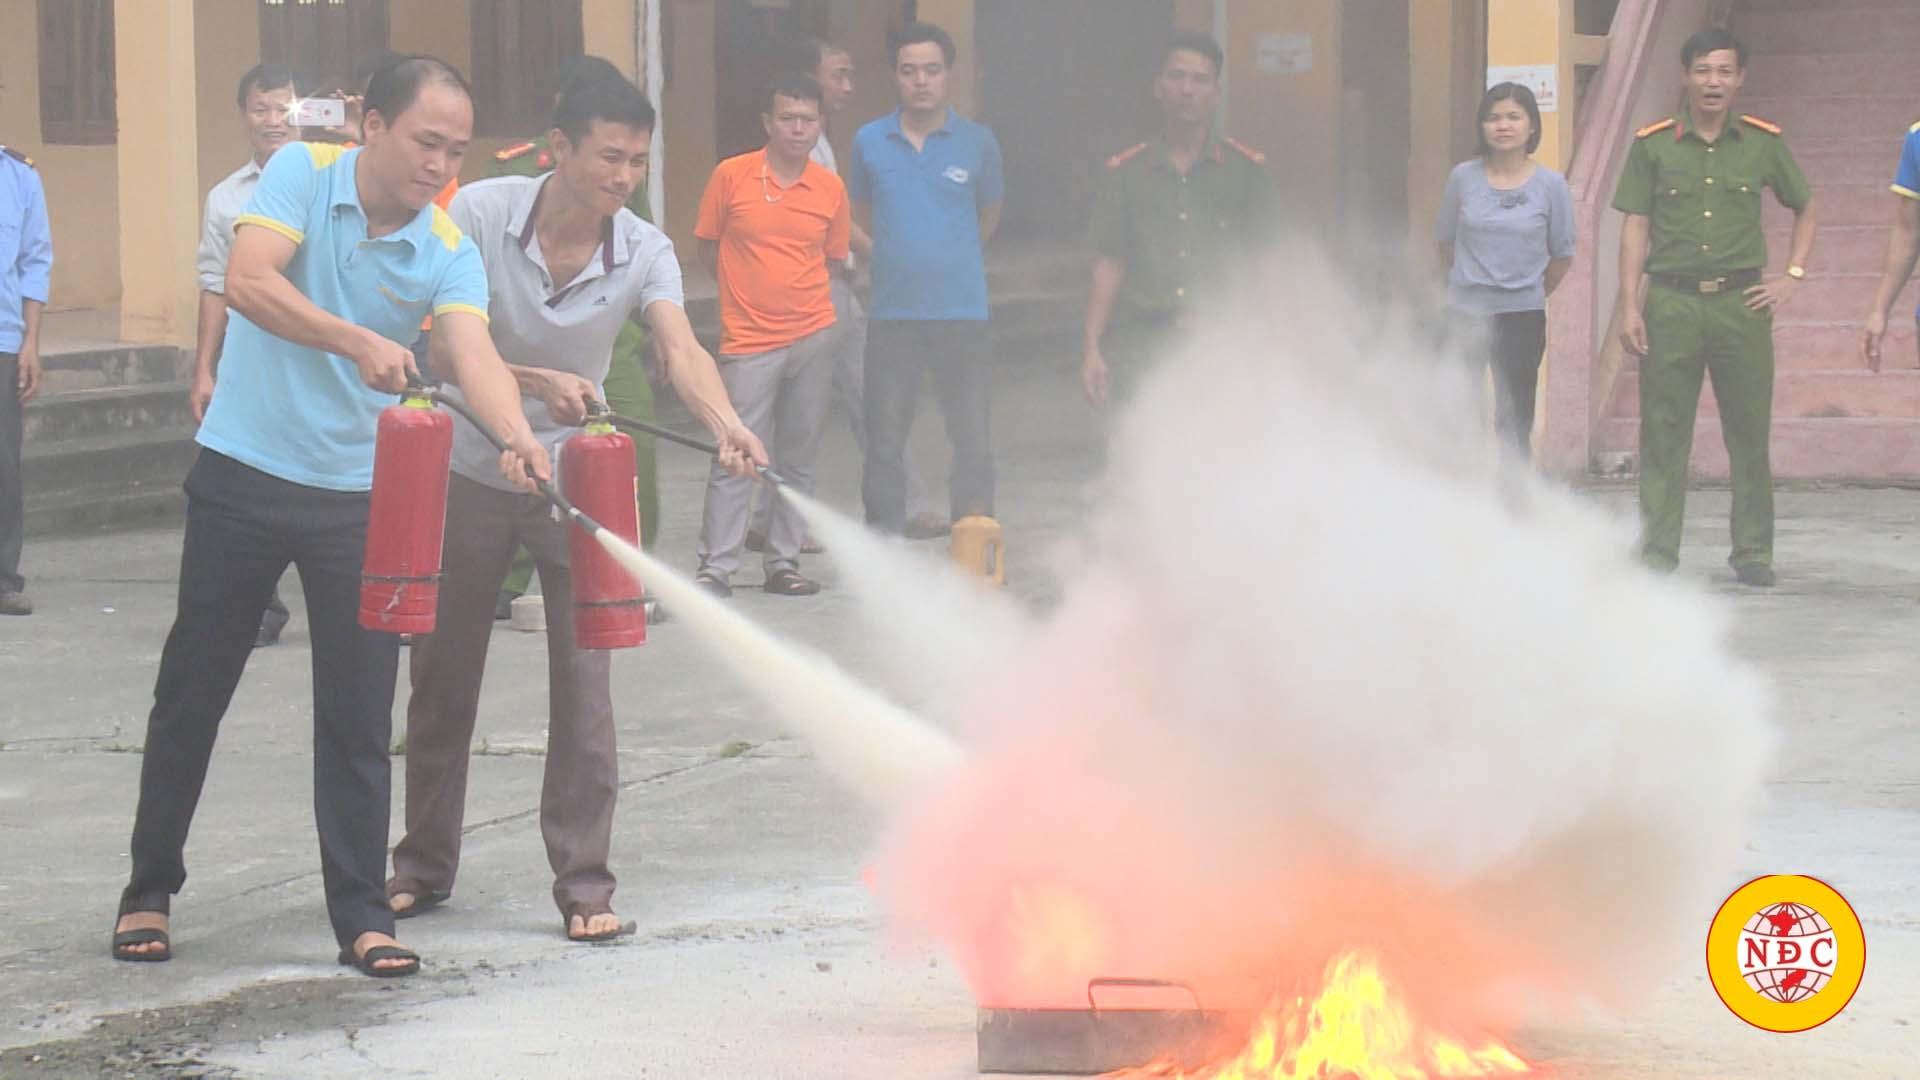 Luật phòng cháy chữa cháy năm 2001 và các khoản bổ sung